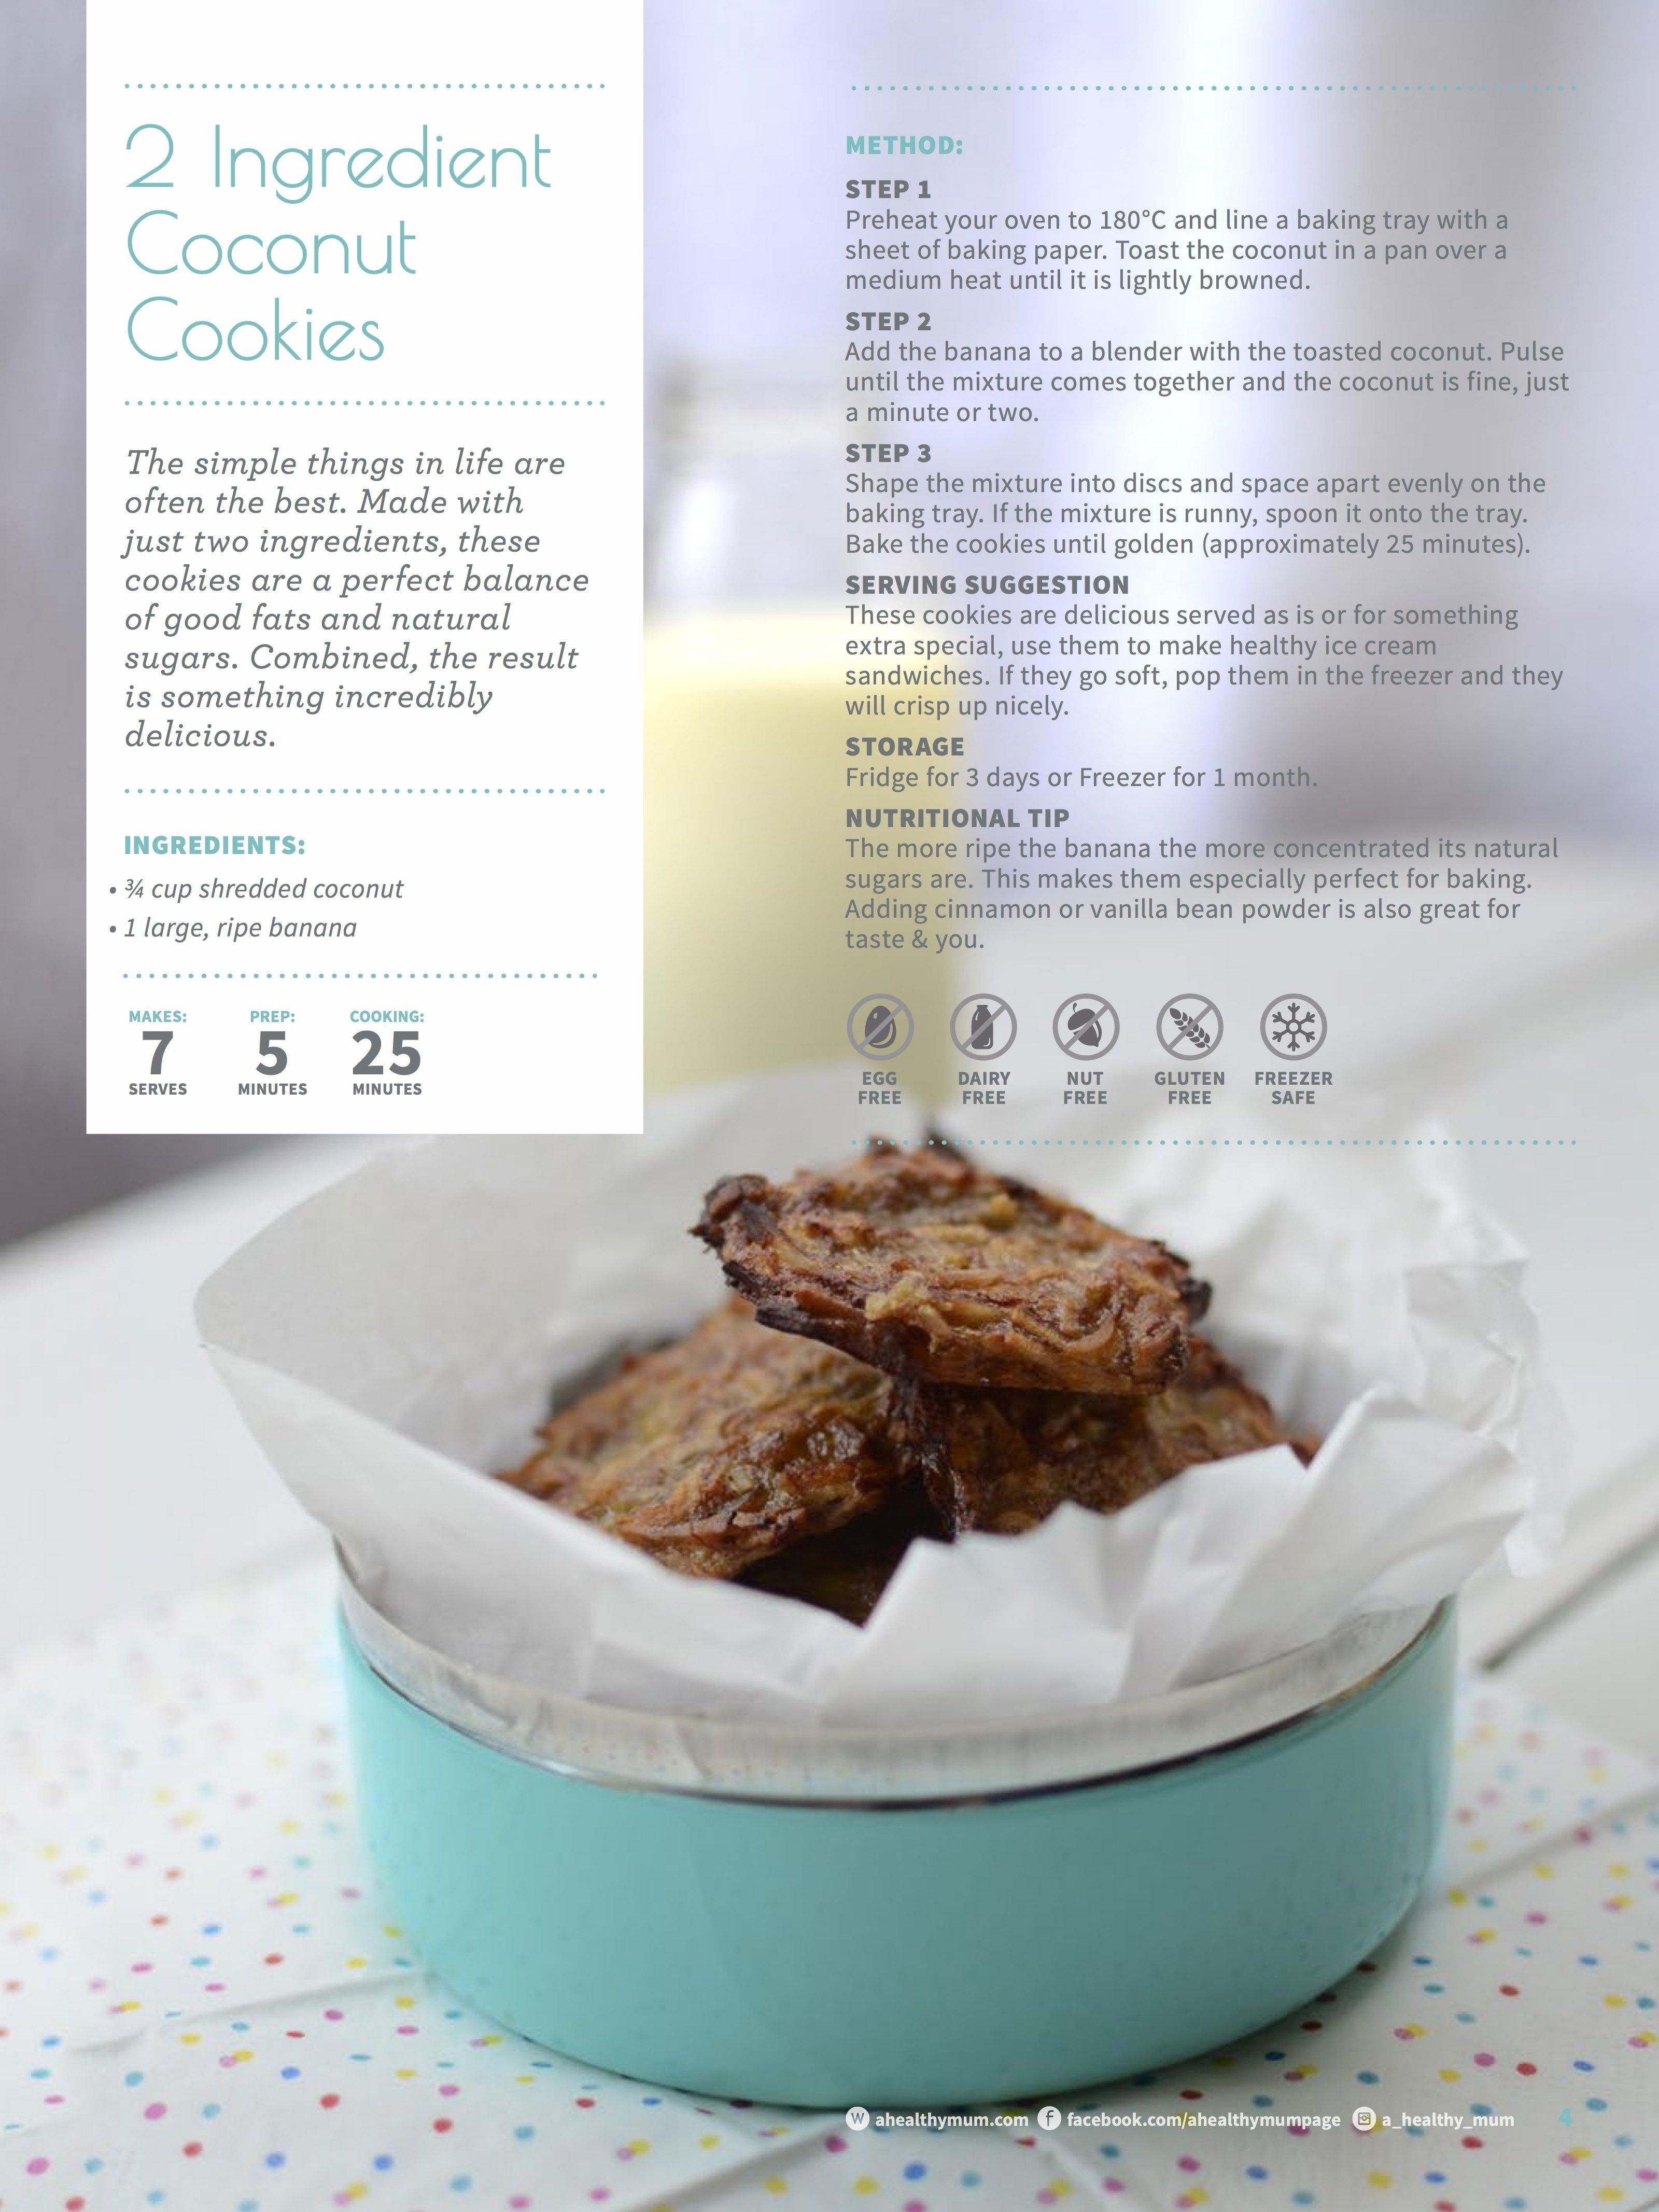 AHealthyMum-2ingcookies